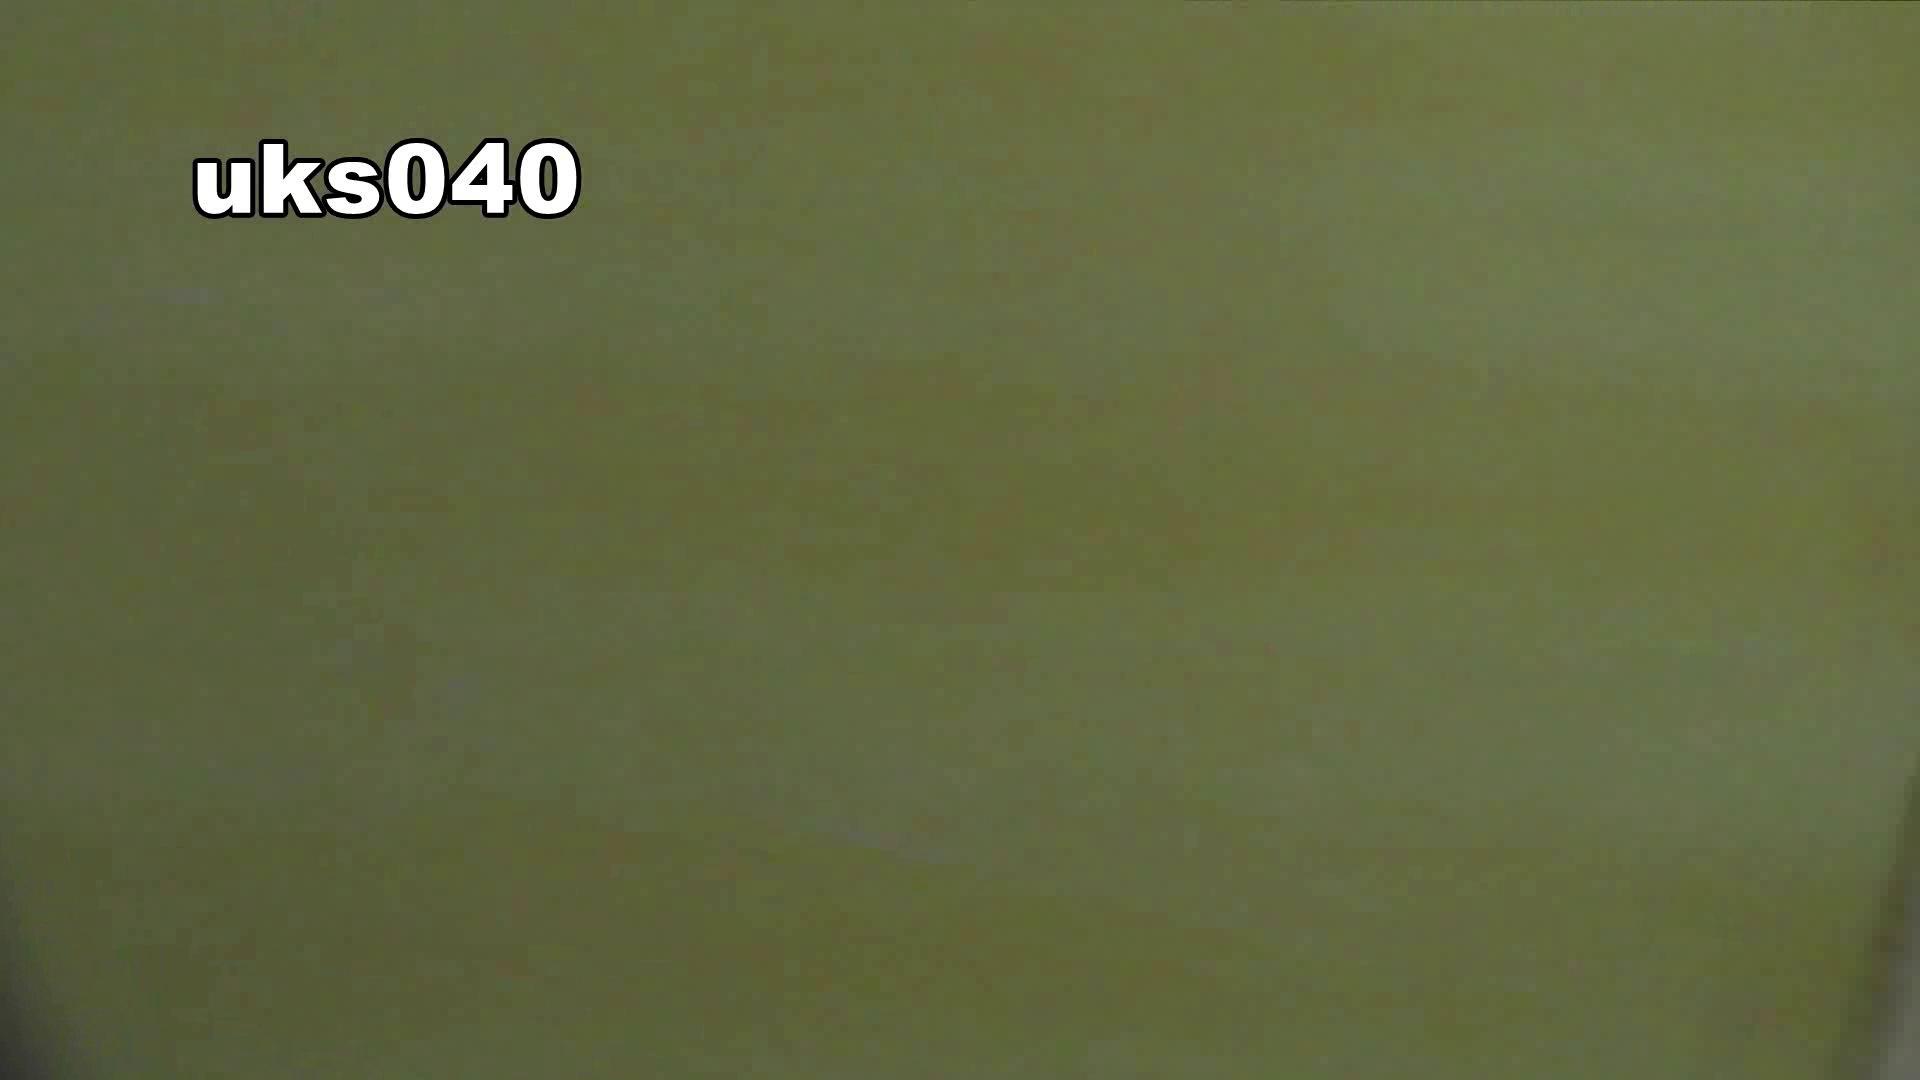 【美しき個室な世界】 vol.040 出て行かれる時の清楚姿撮り 高画質  88PIX 72